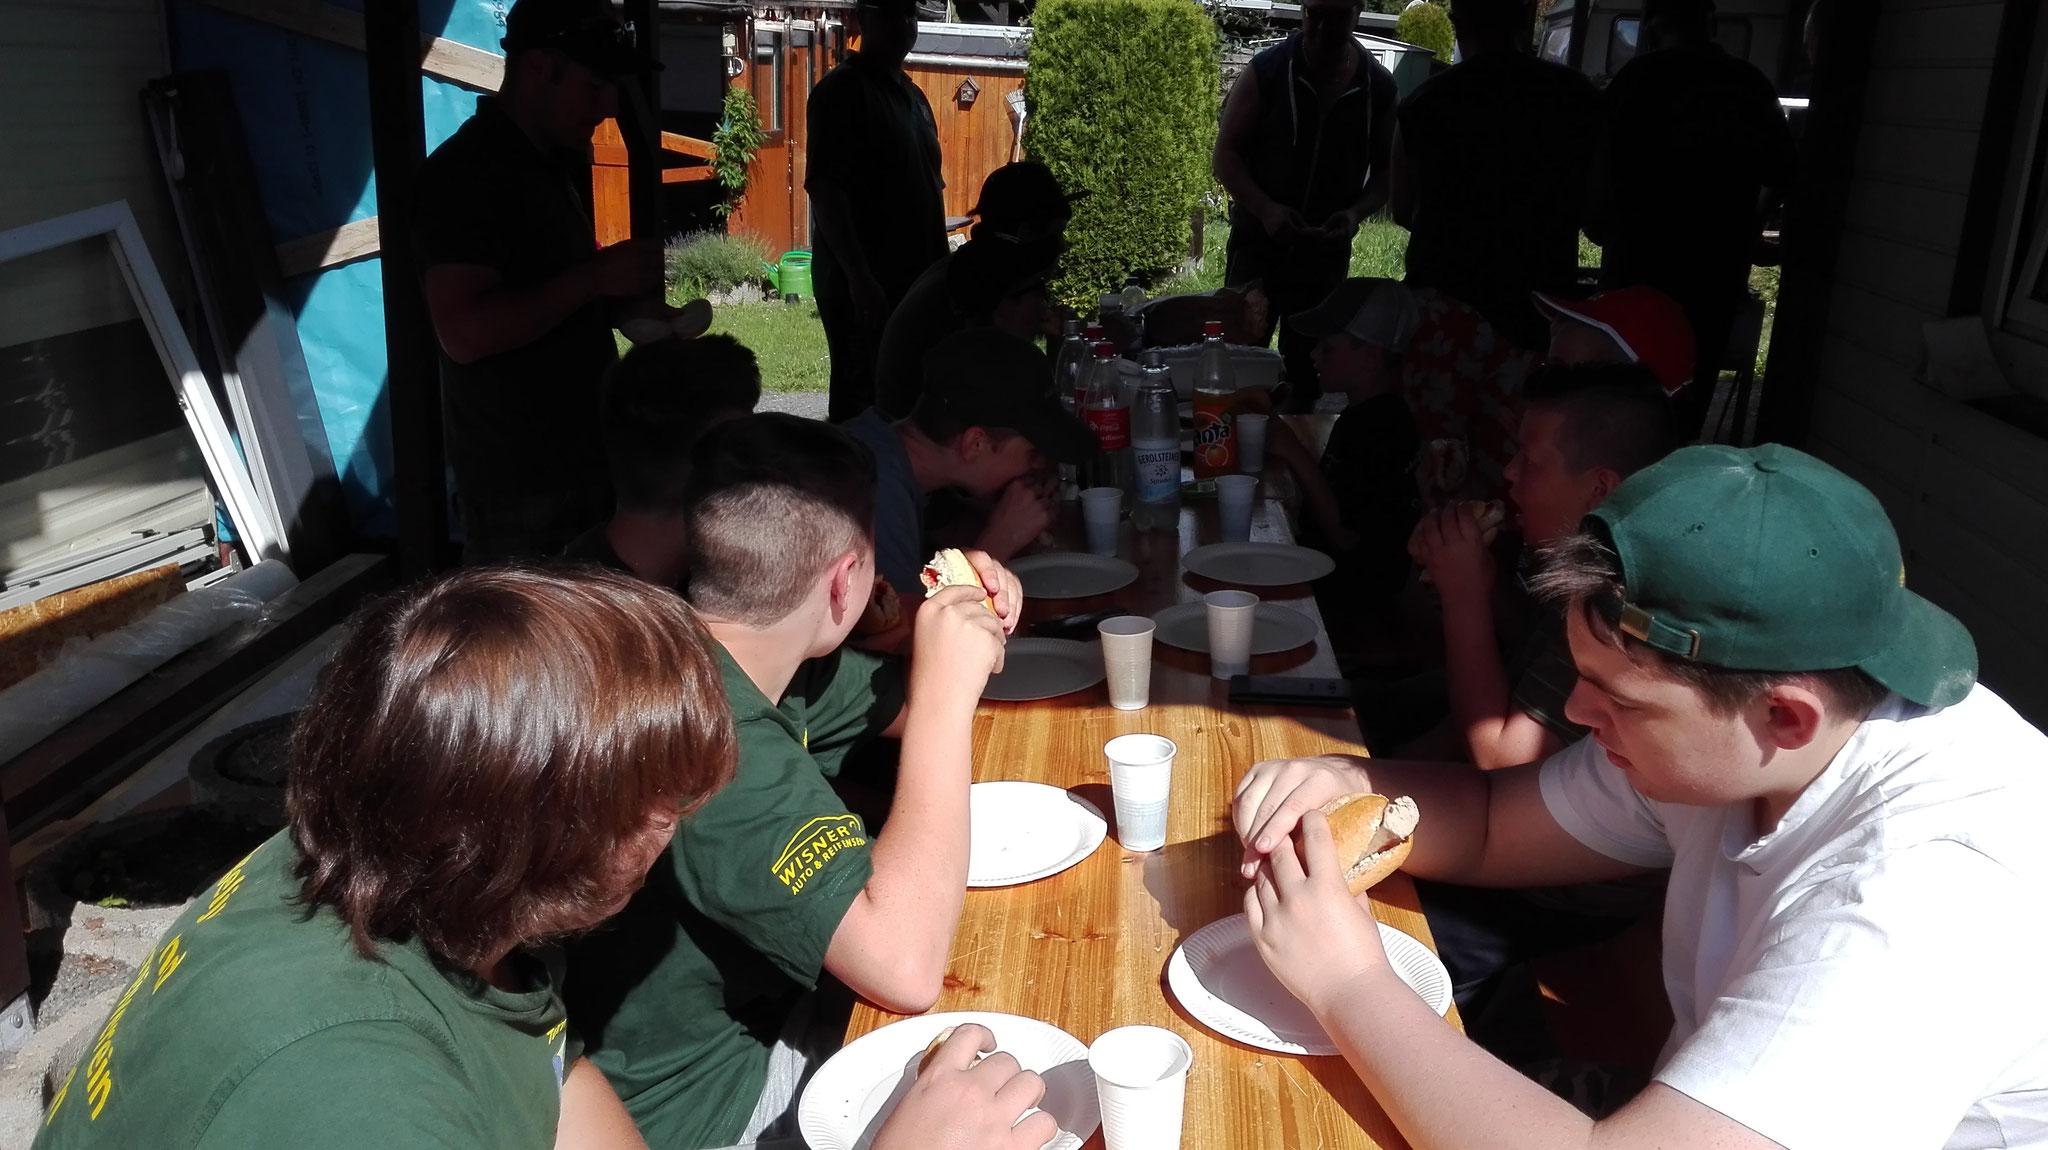 hier alle Mann zusammen beim Frühstücken......Würstchen & Steaks